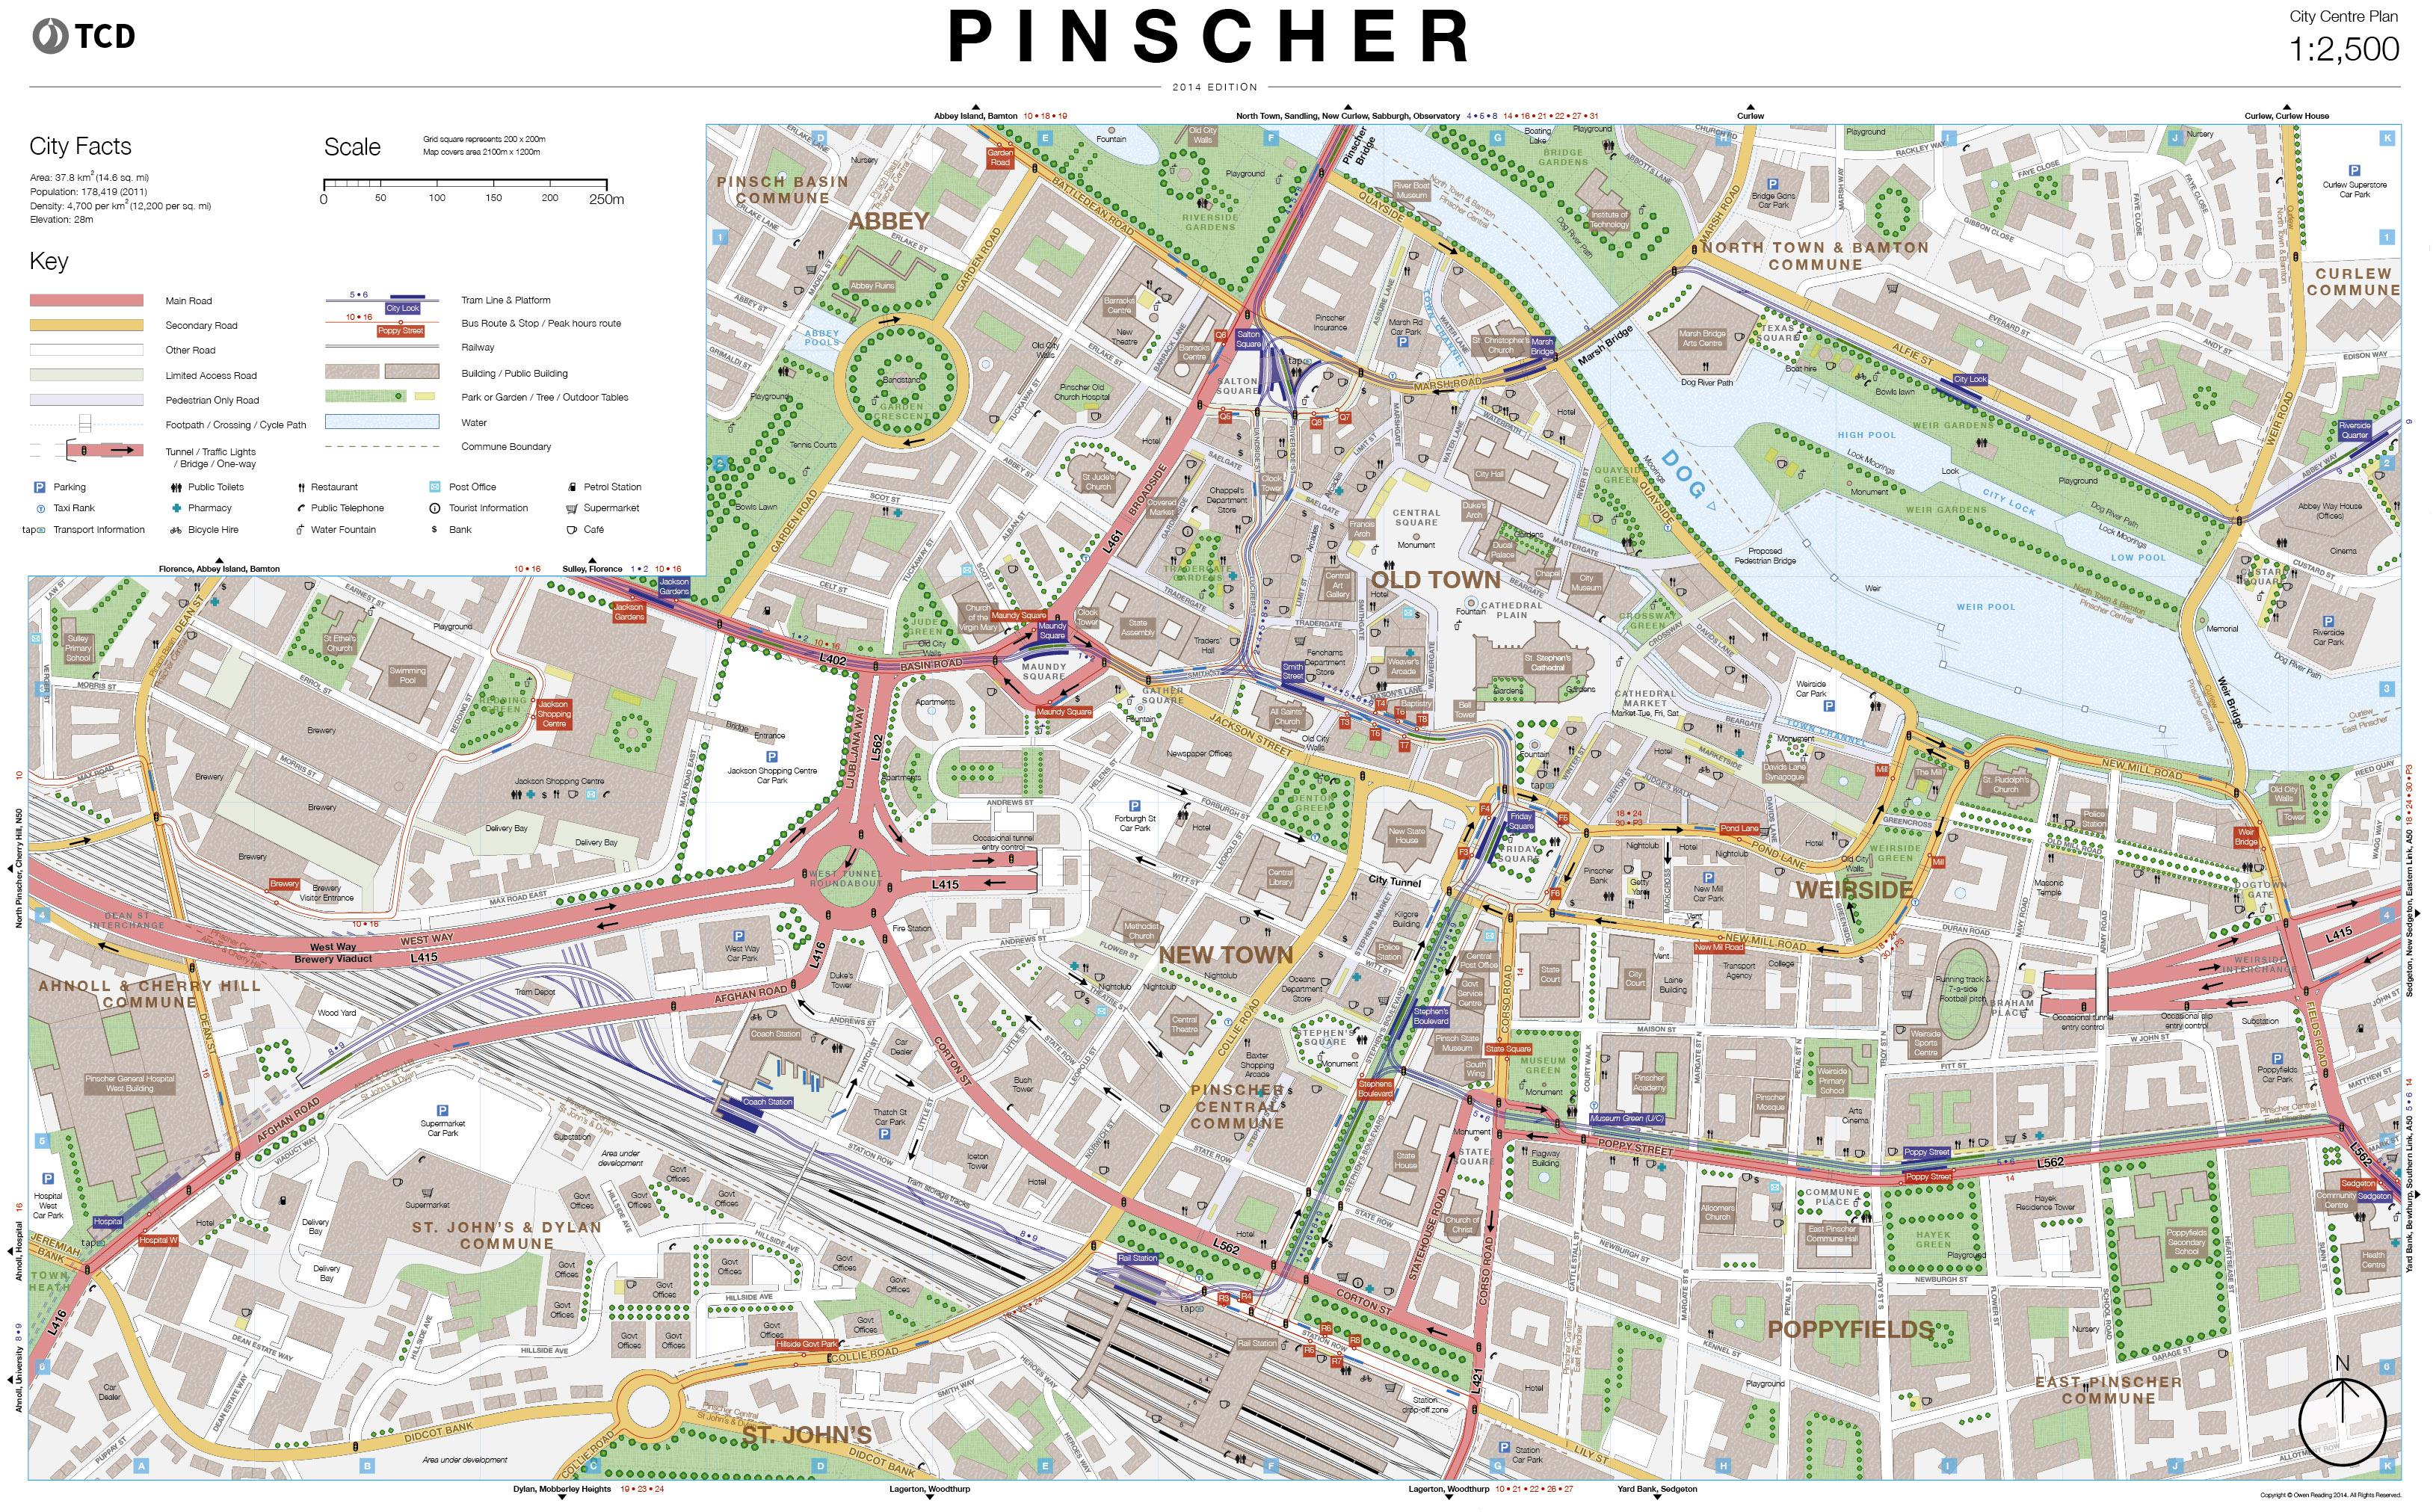 Pinscher City Centre Map